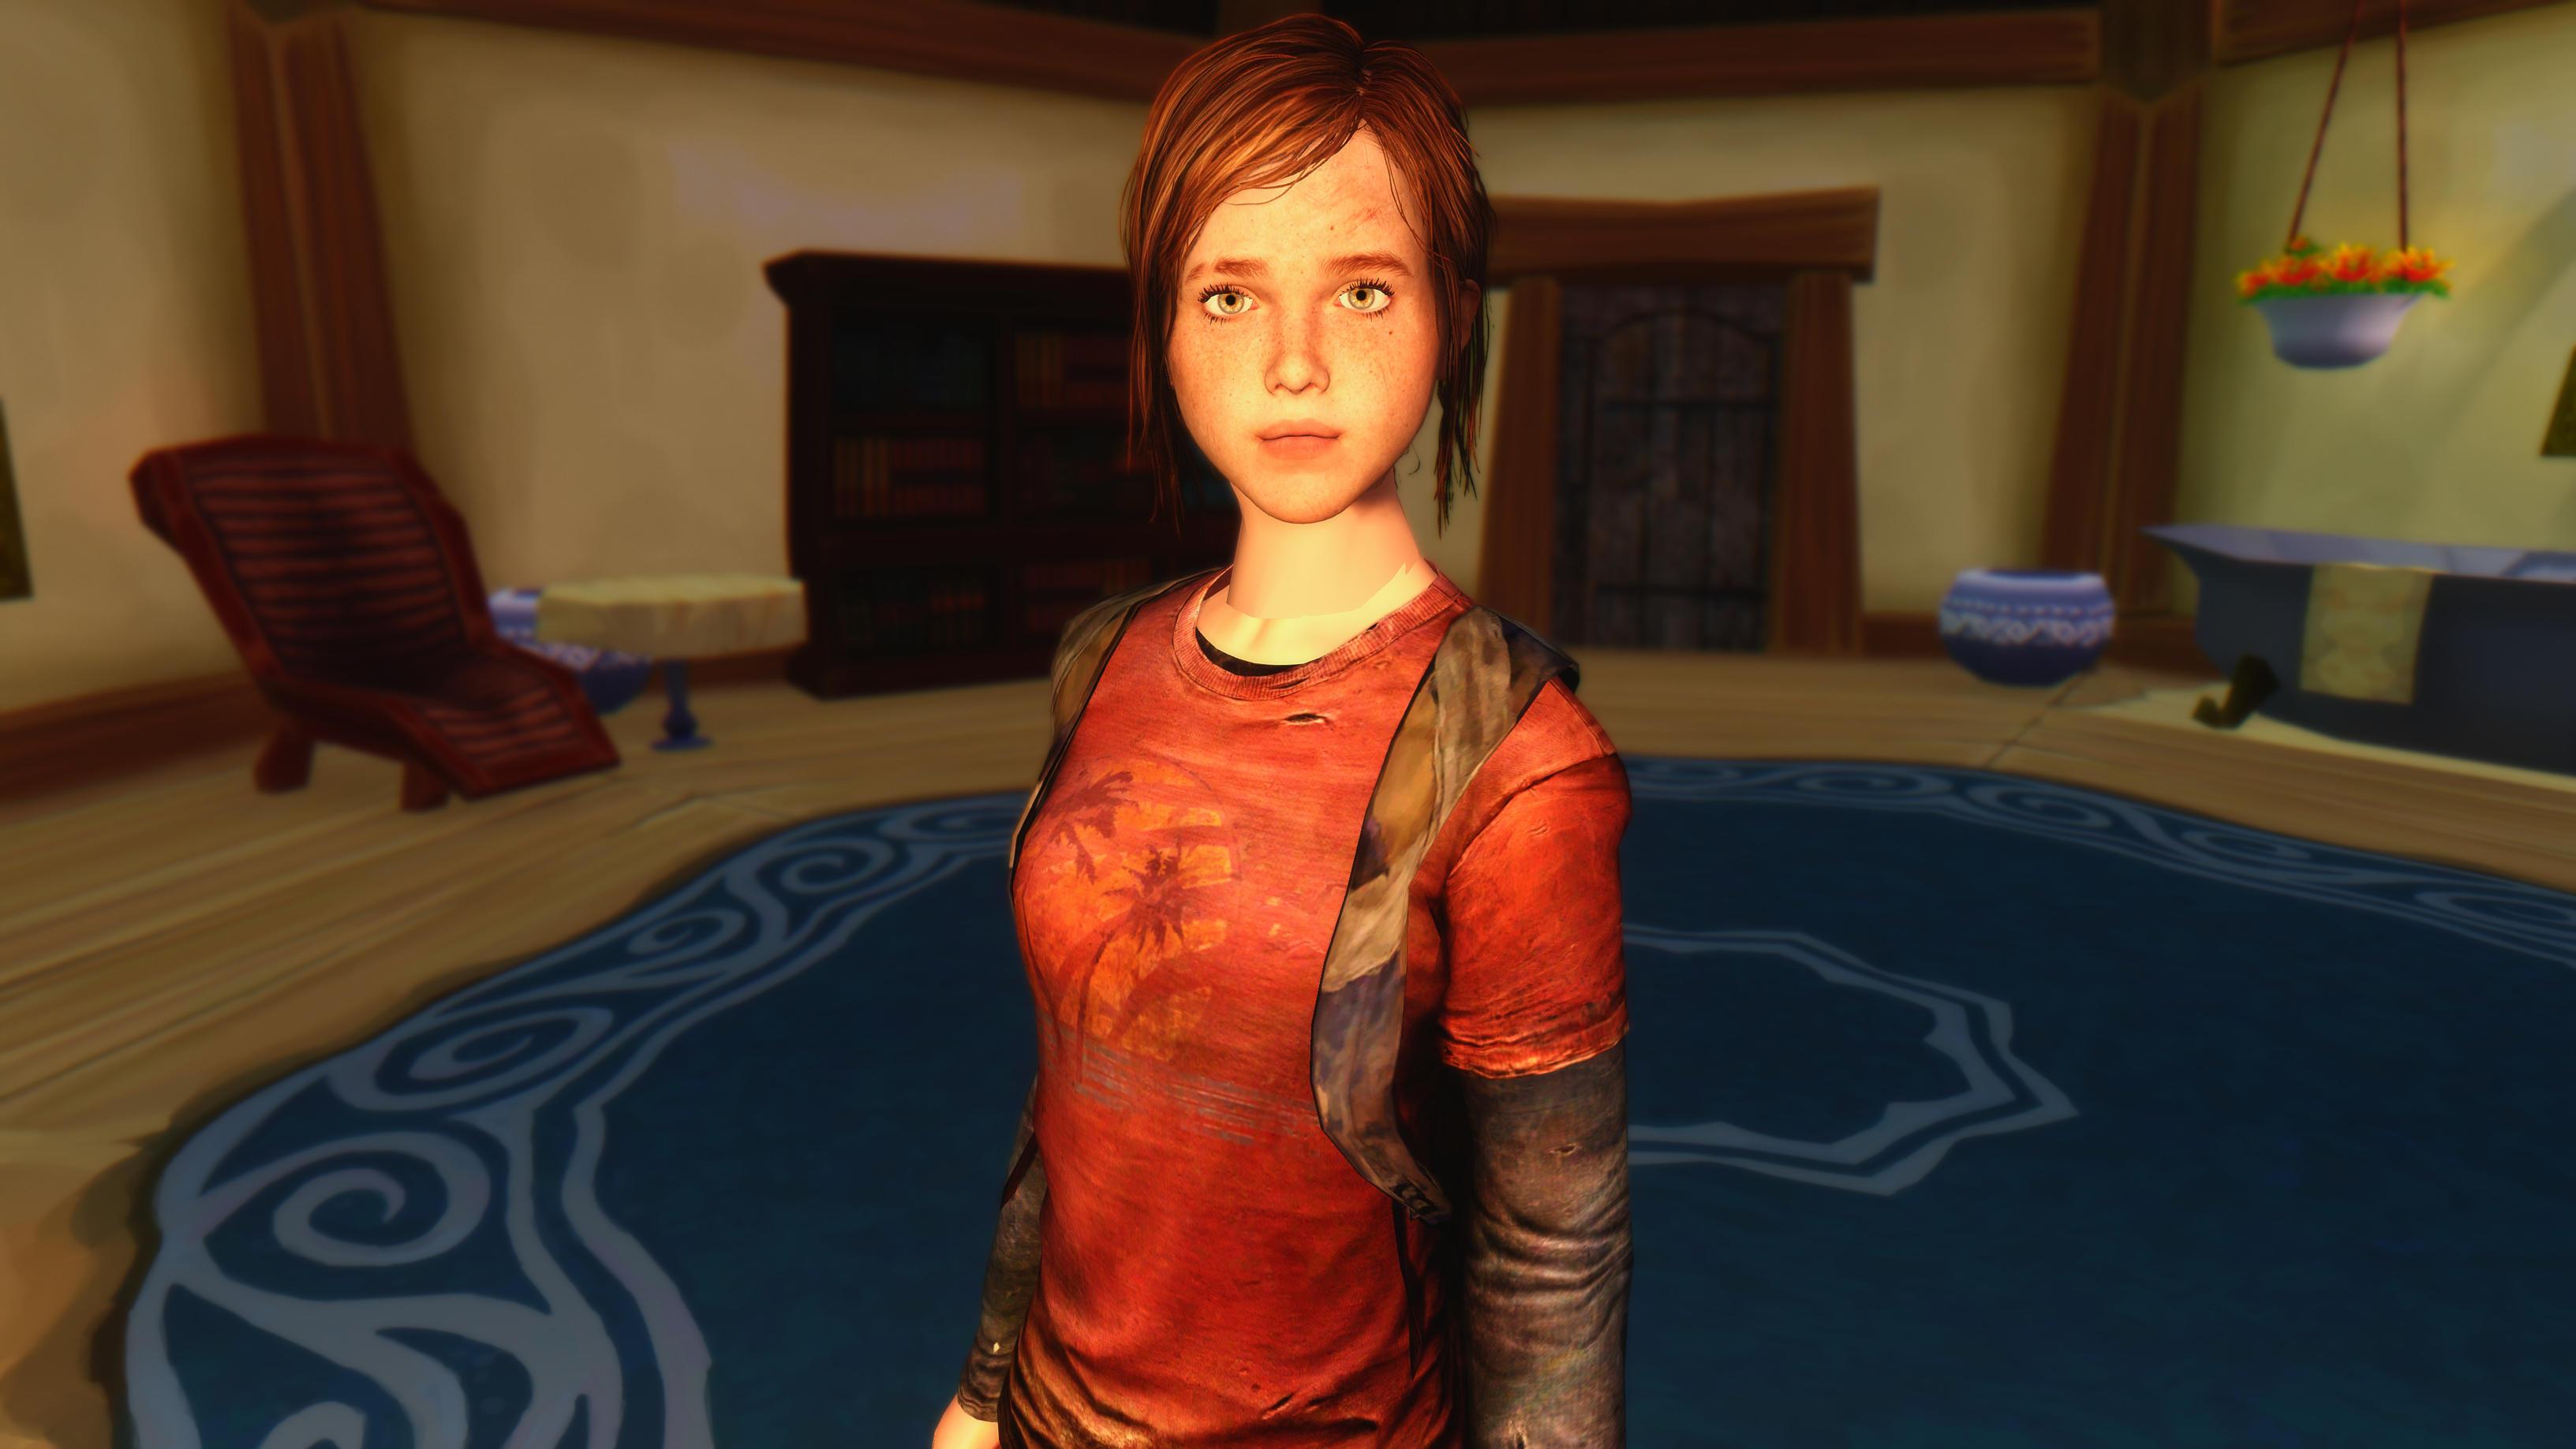 The Last of Us Ellie In skyrim by user619